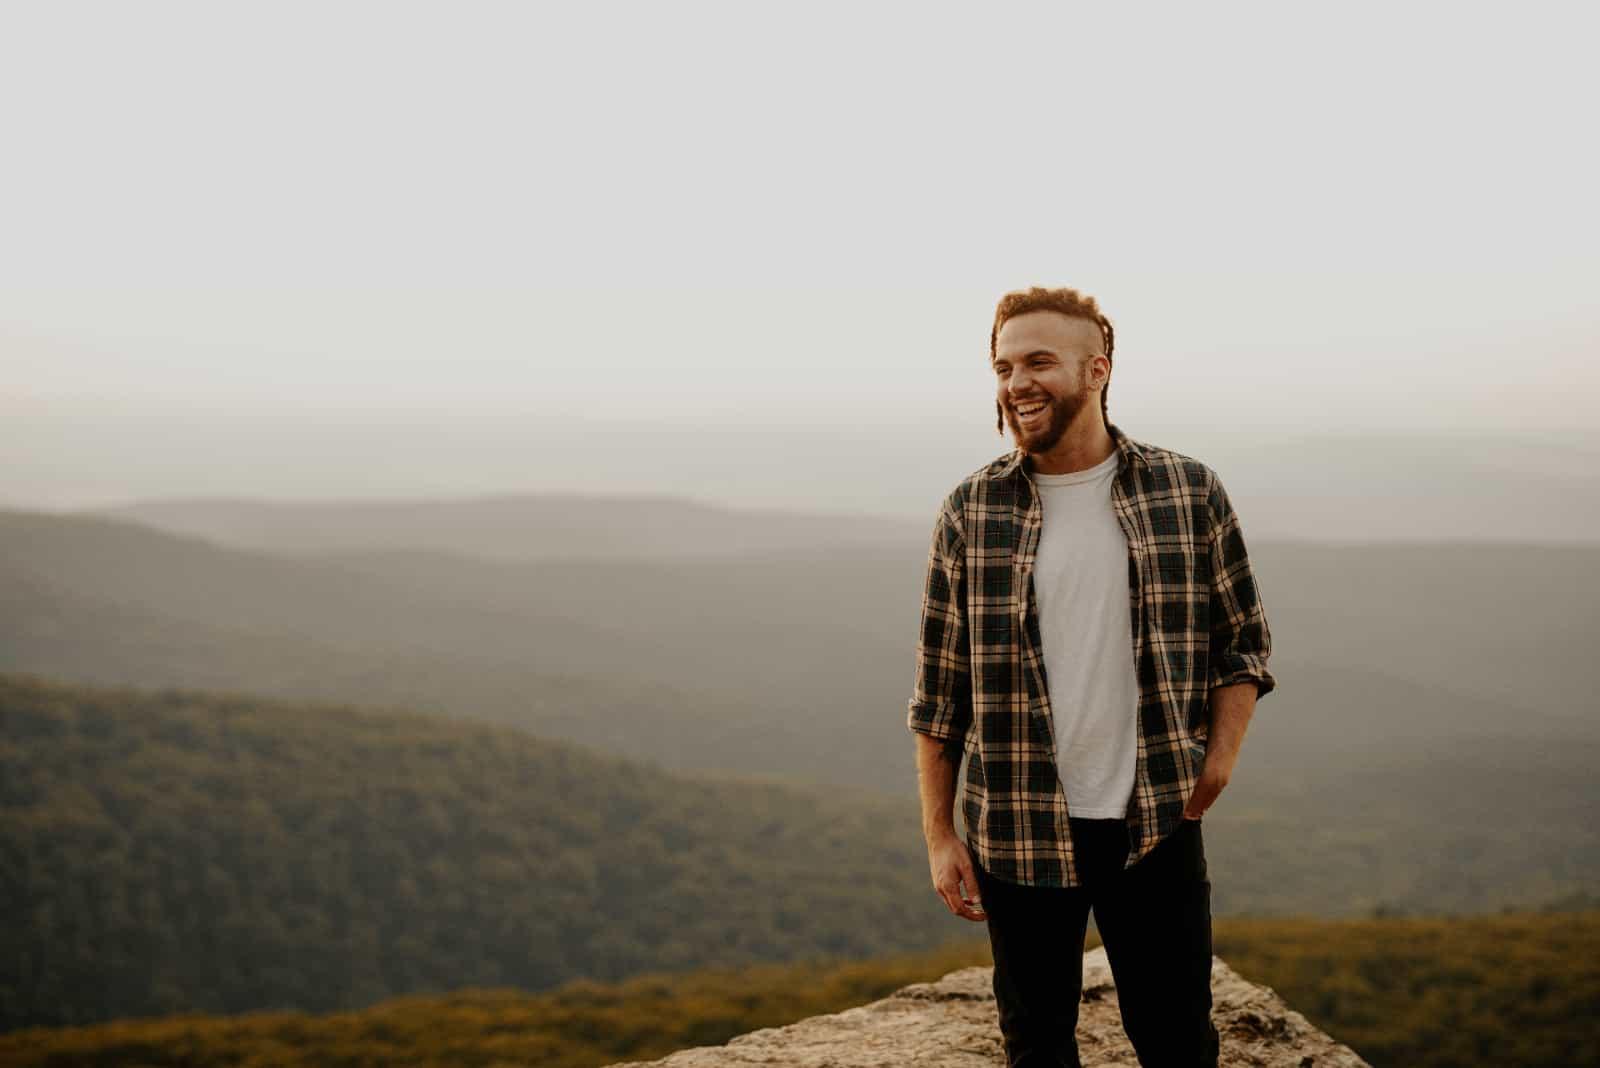 homme souriant au sommet d'une montagne